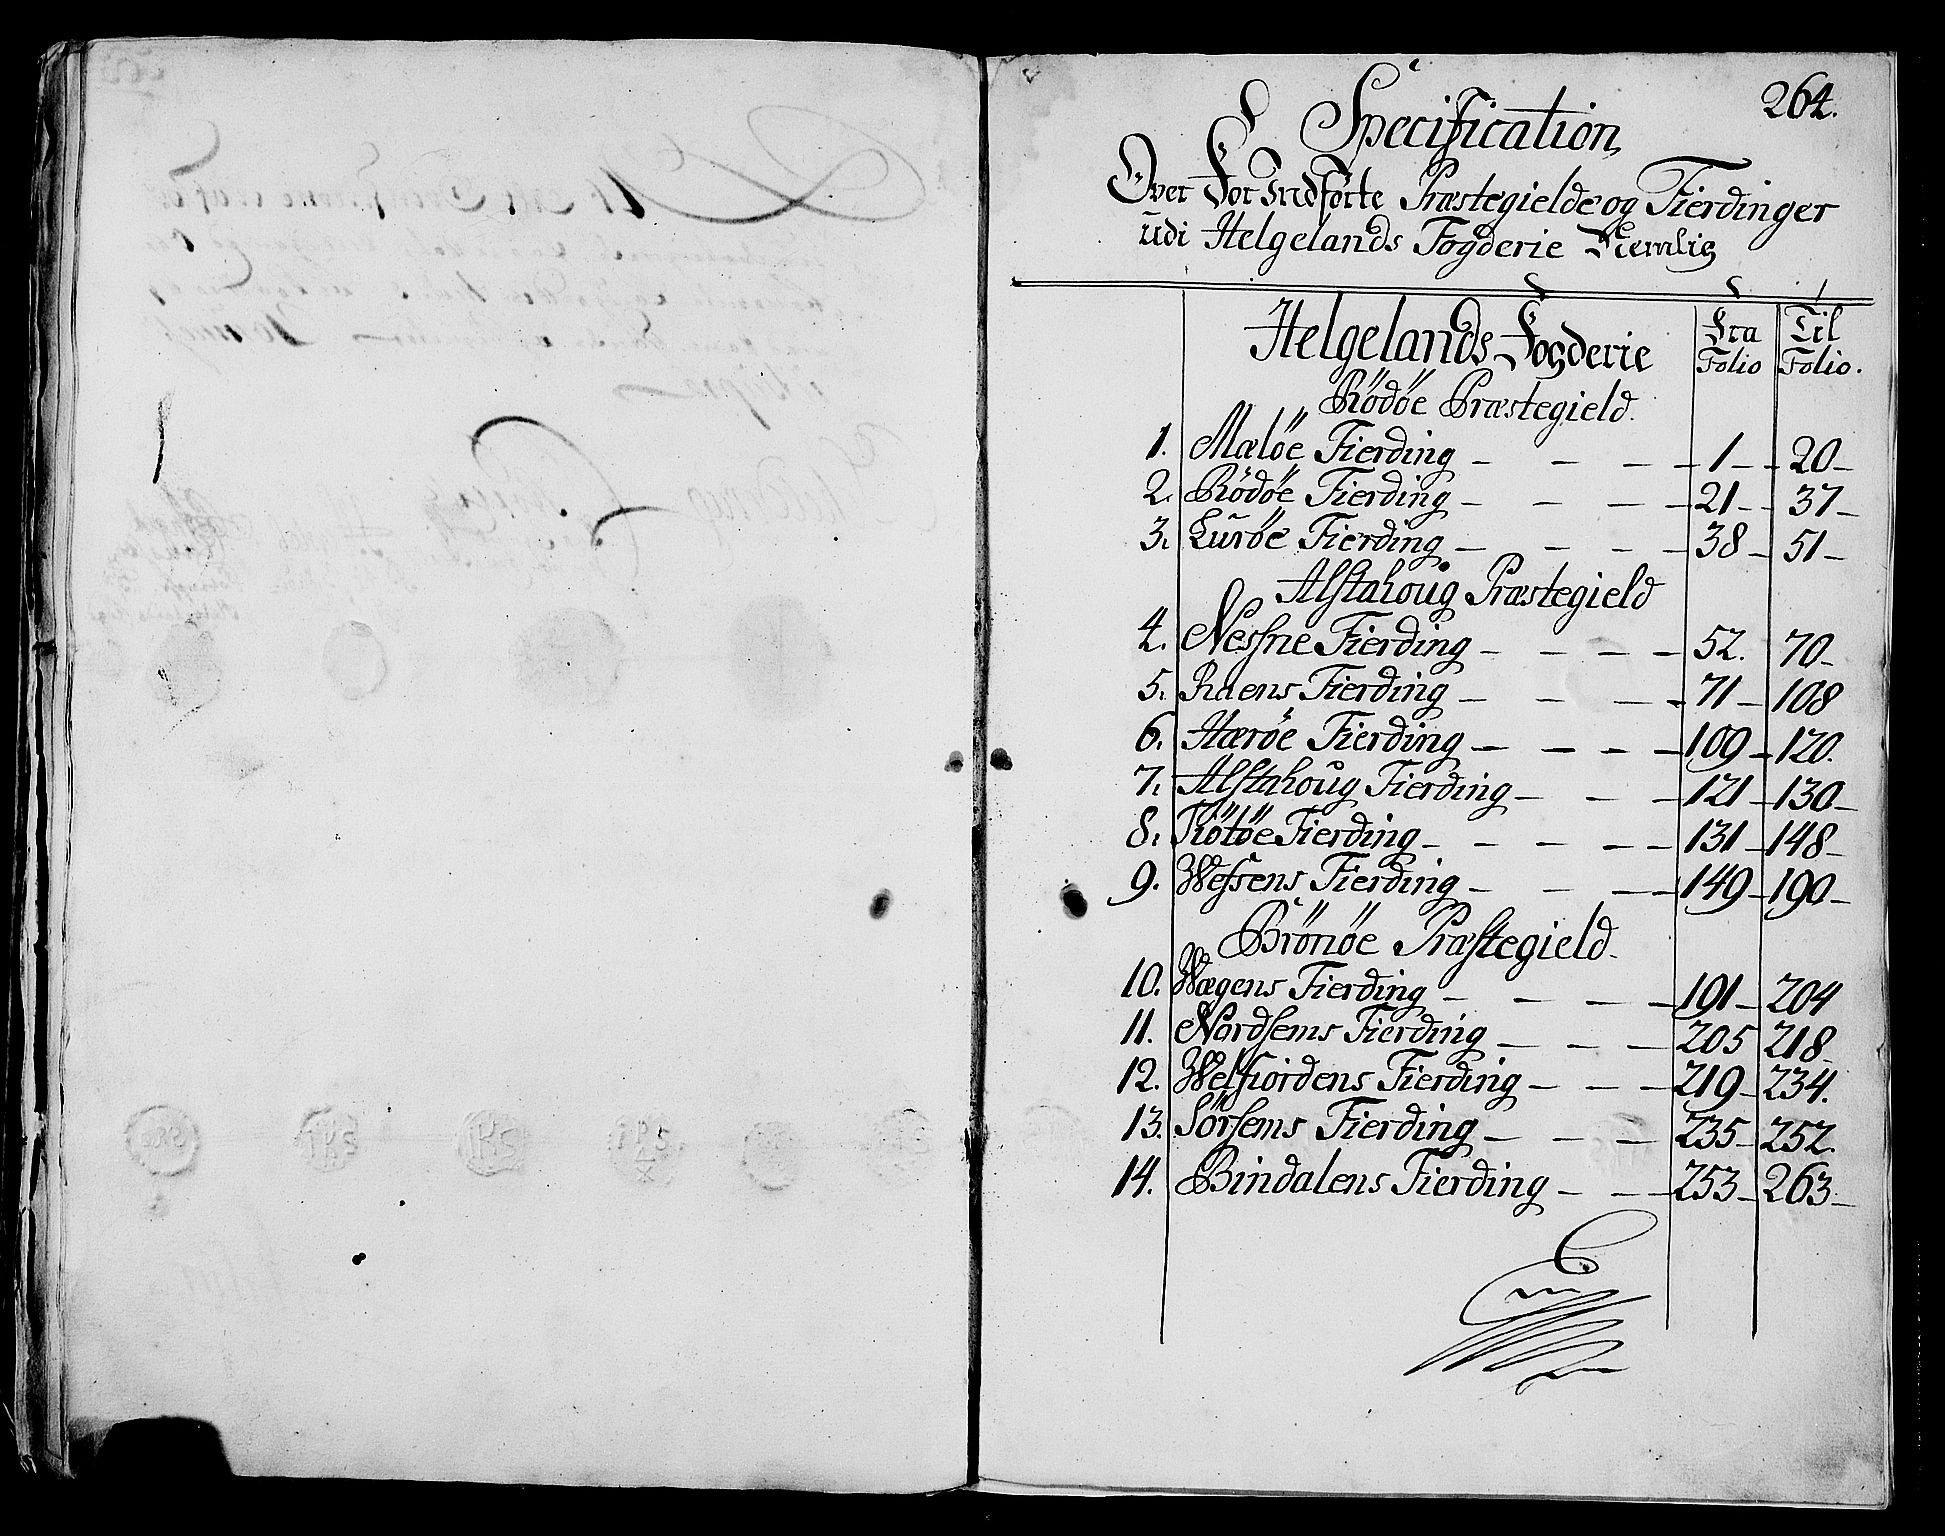 RA, Rentekammeret inntil 1814, Realistisk ordnet avdeling, N/Nb/Nbf/L0170: Helgeland eksaminasjonsprotokoll, 1723, s. 263b-264a